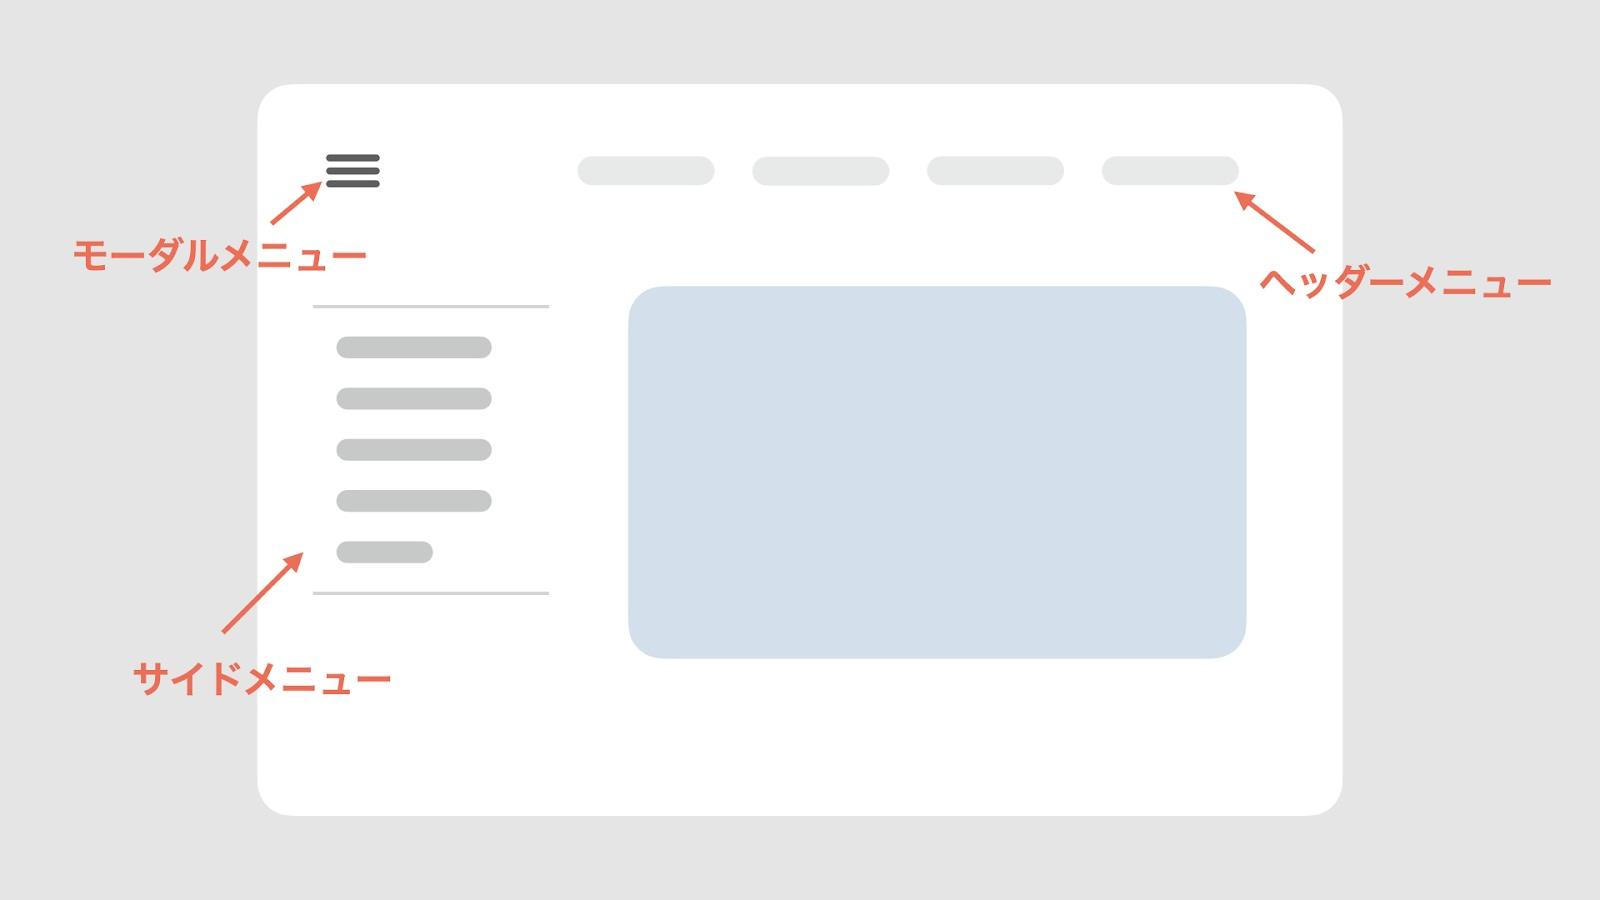 Shopifyのメインメニューはテーマによってタイプが異なり、主に「ヘッダーメニュー」「サイドメニュー」「モーダルメニュー」の3種類のメインメニューがあります。